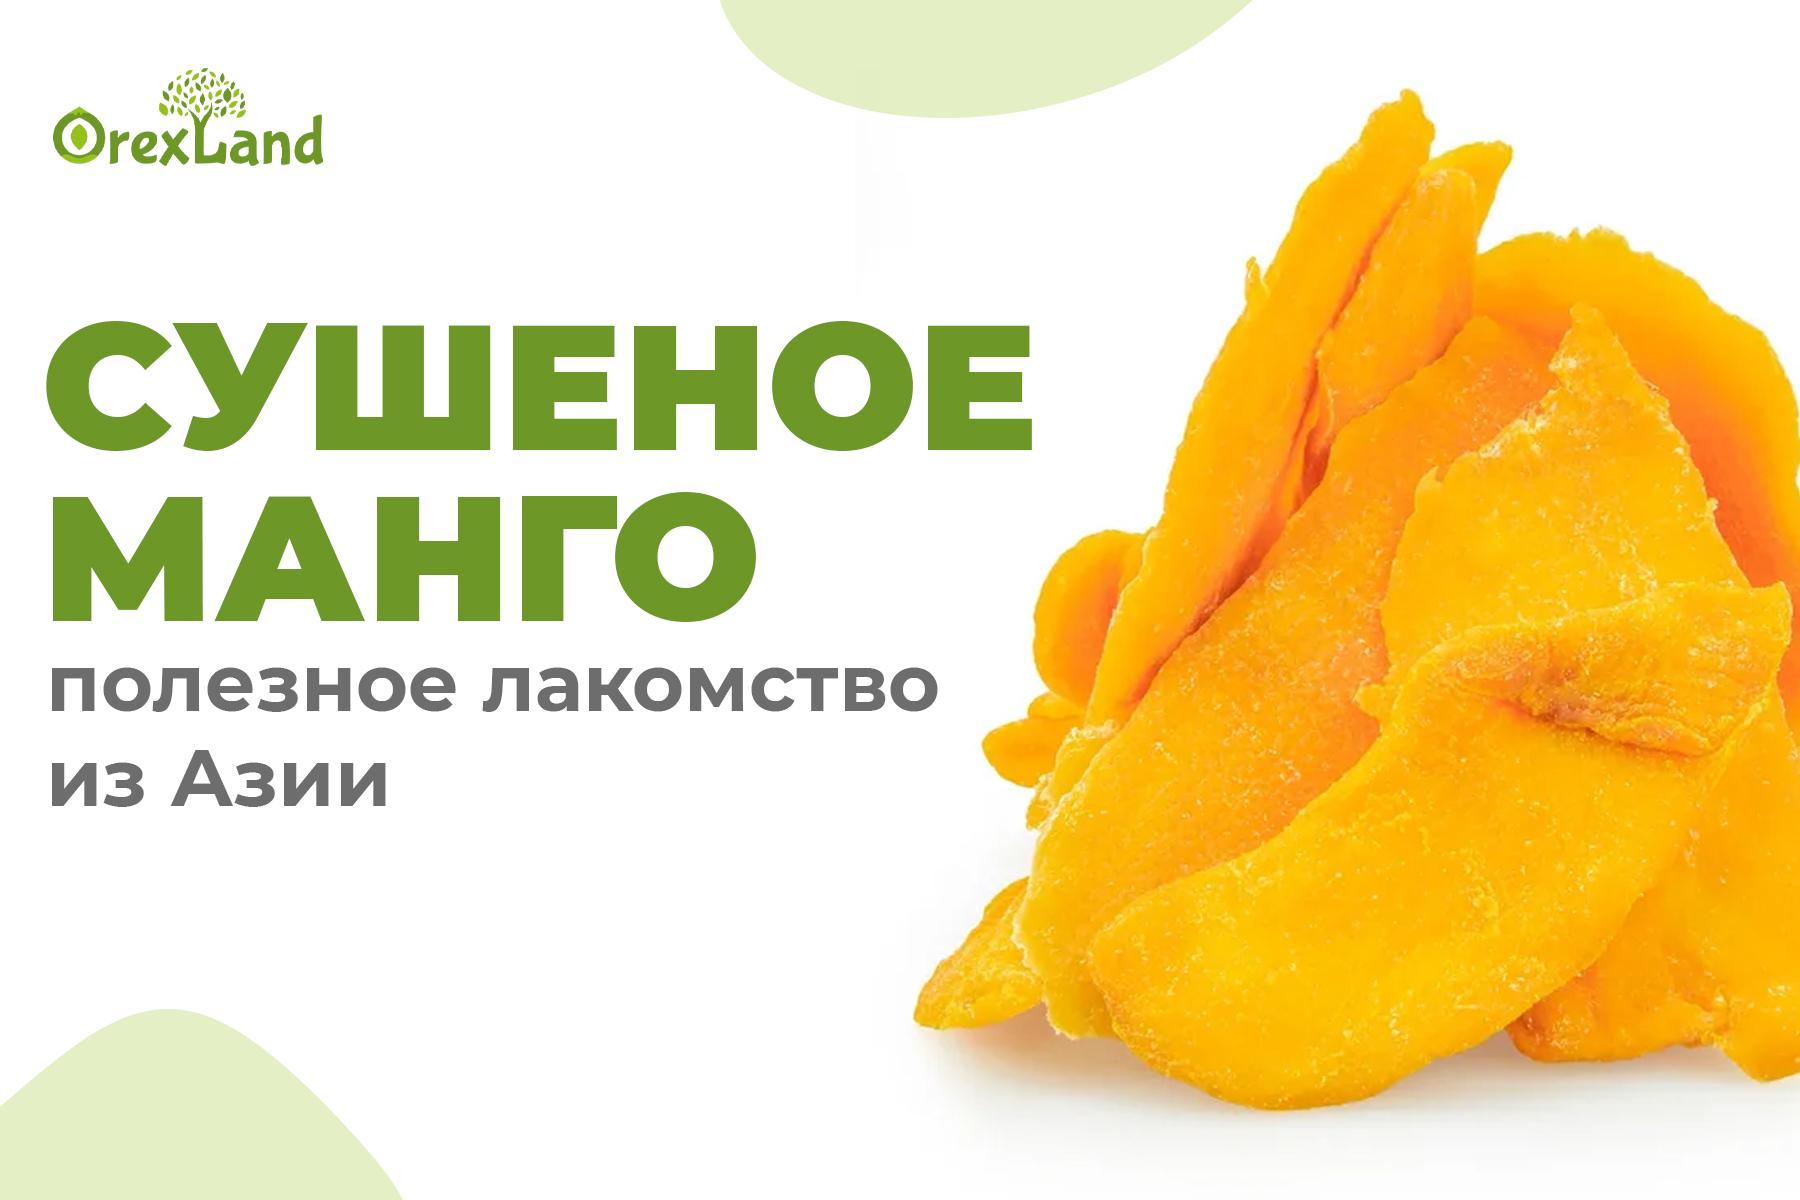 Сушеное манго – полезное лакомство из Азии